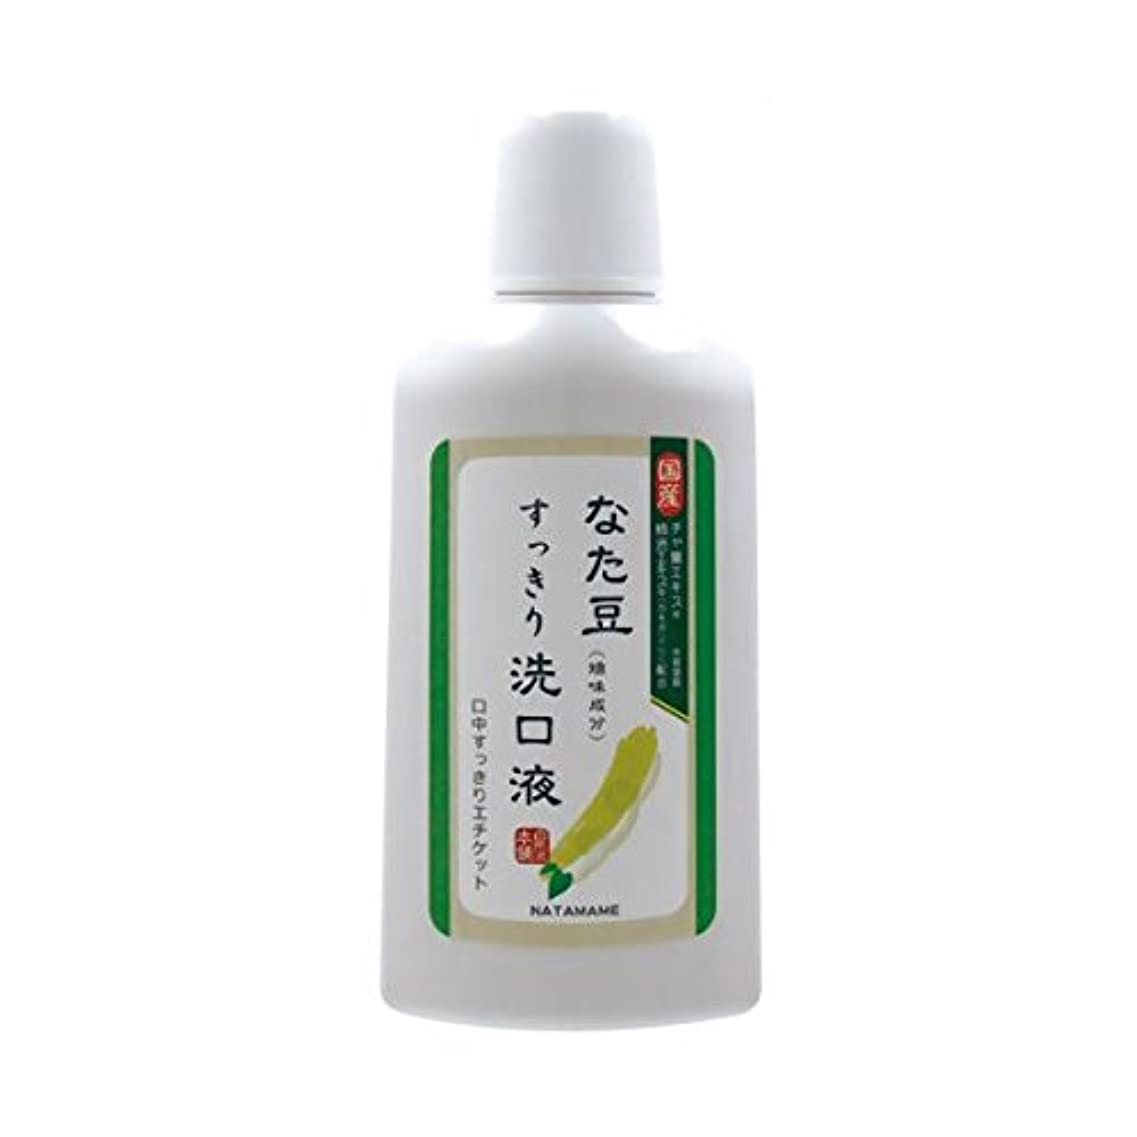 タブレット後悔拡散する《セット販売》 なた豆すっきり洗口液 なた豆 洗口液 (500ml)×2個セット